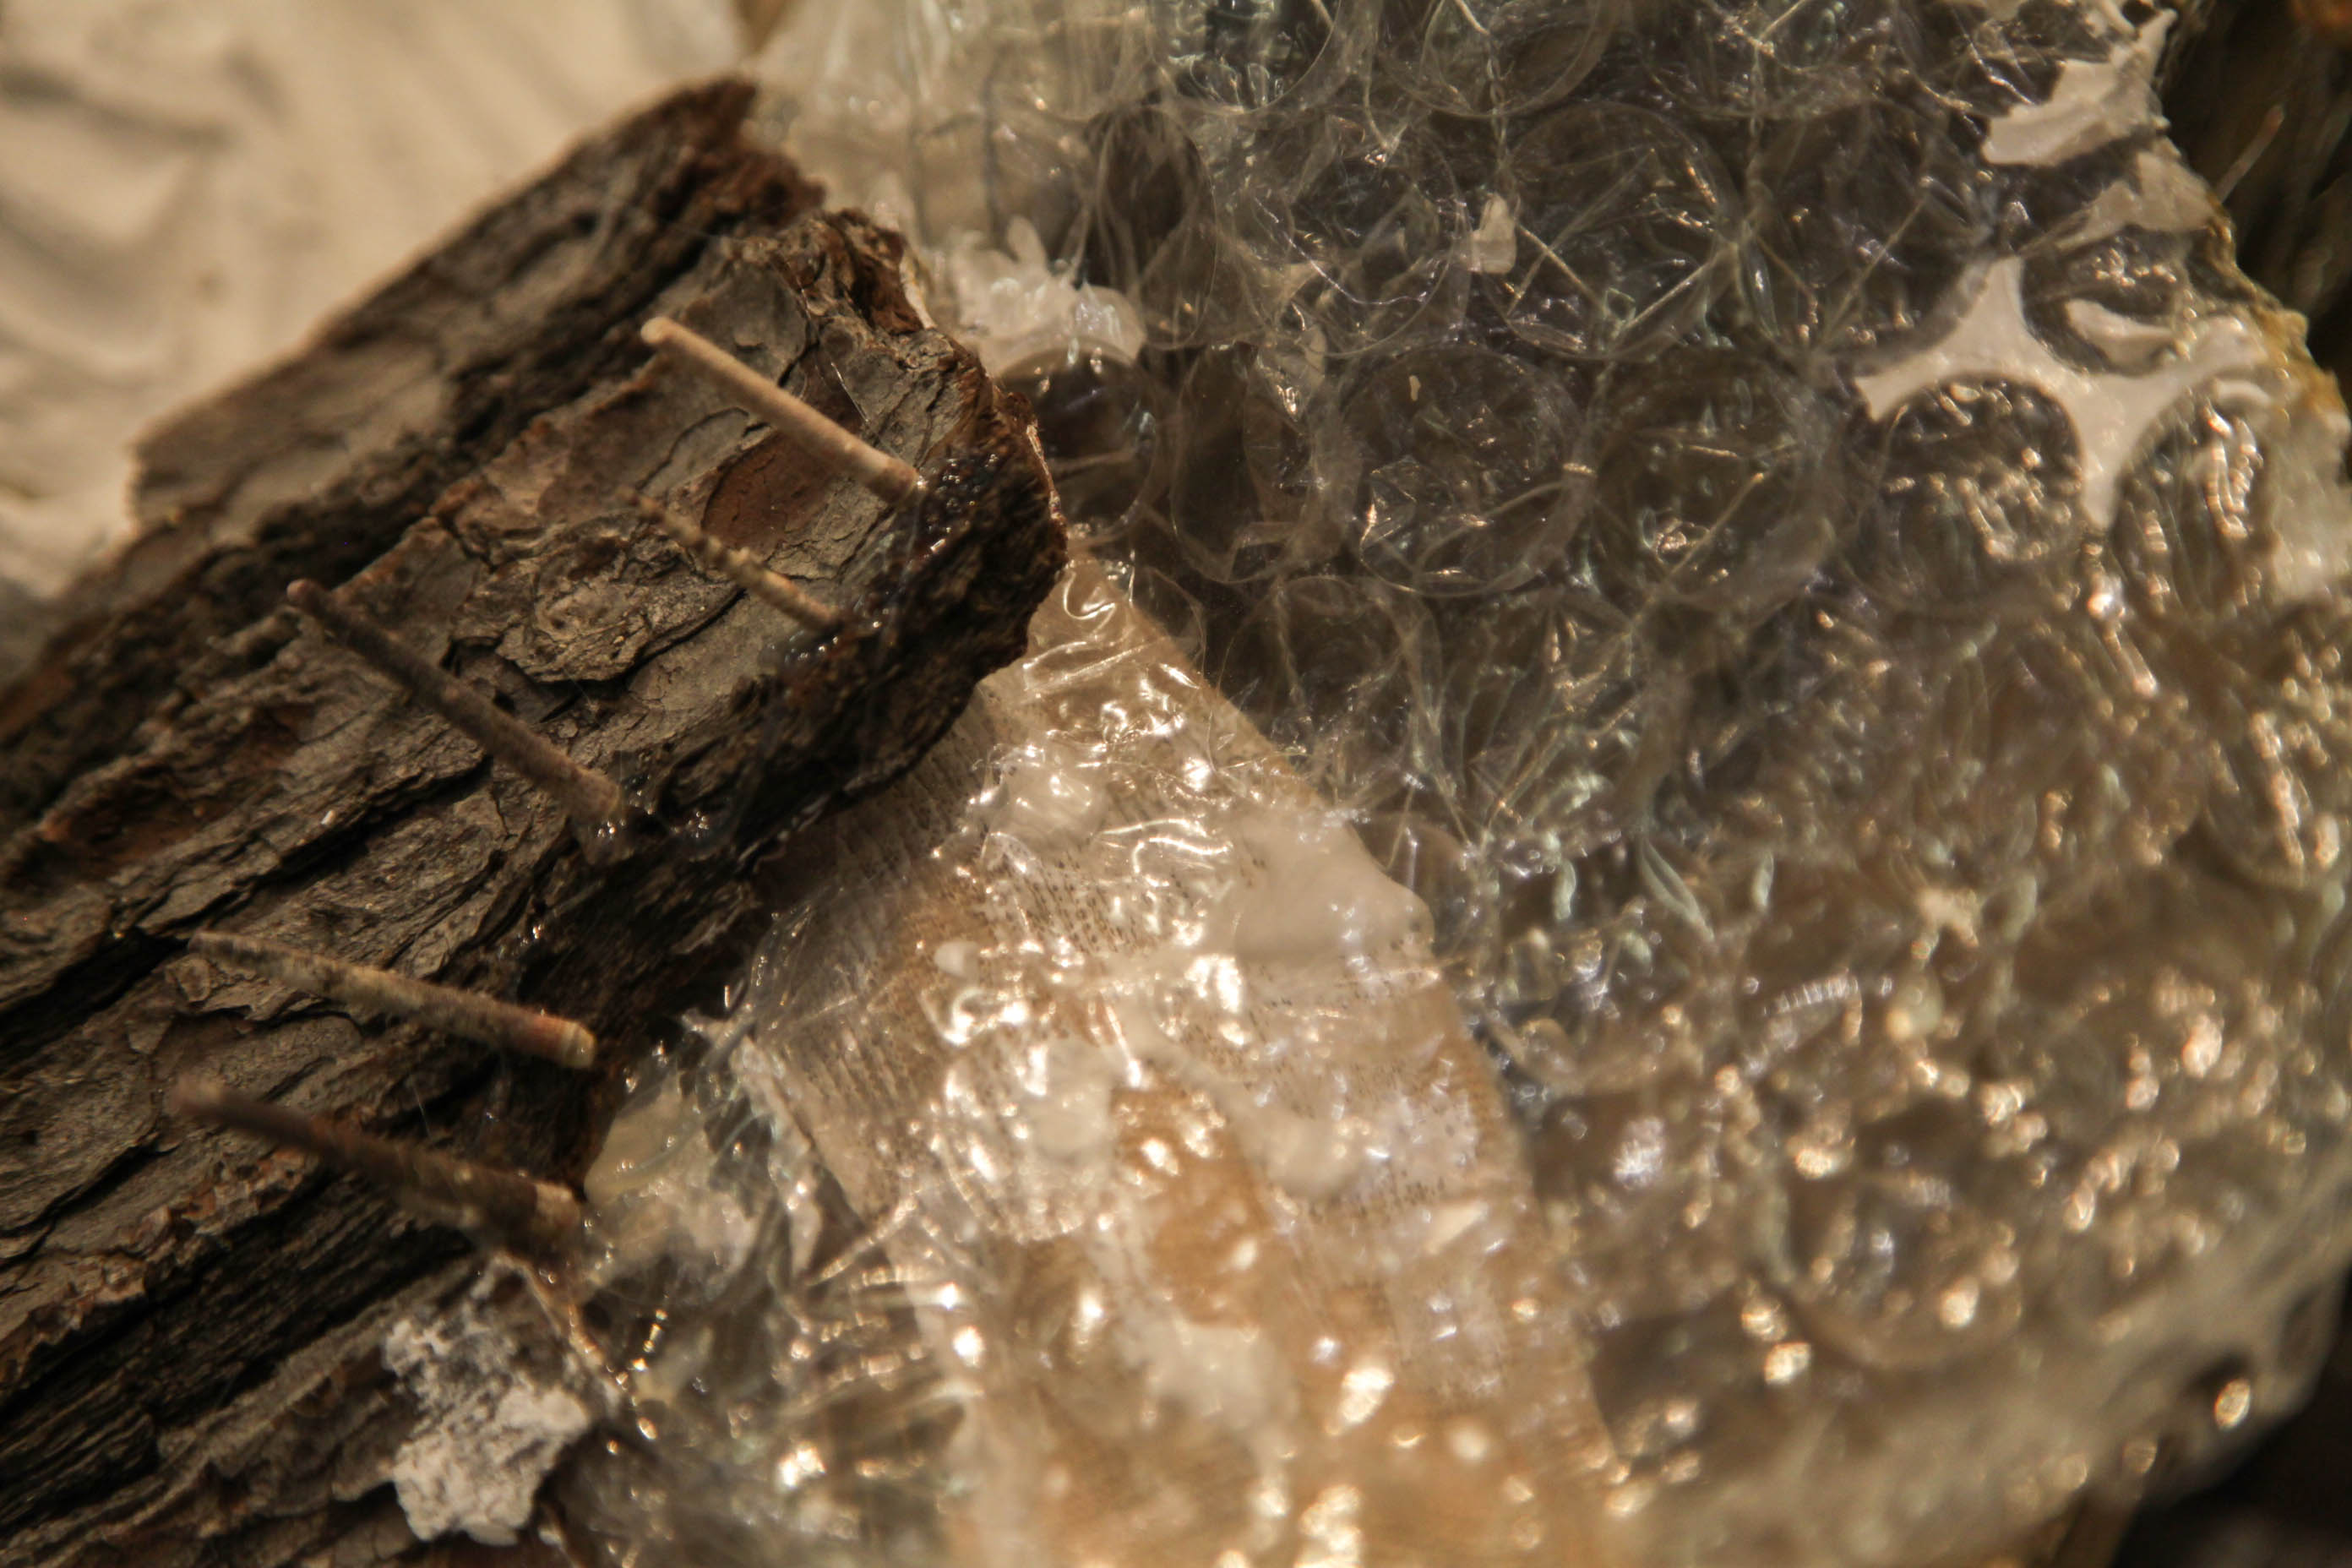 Sea urchin Spine detail